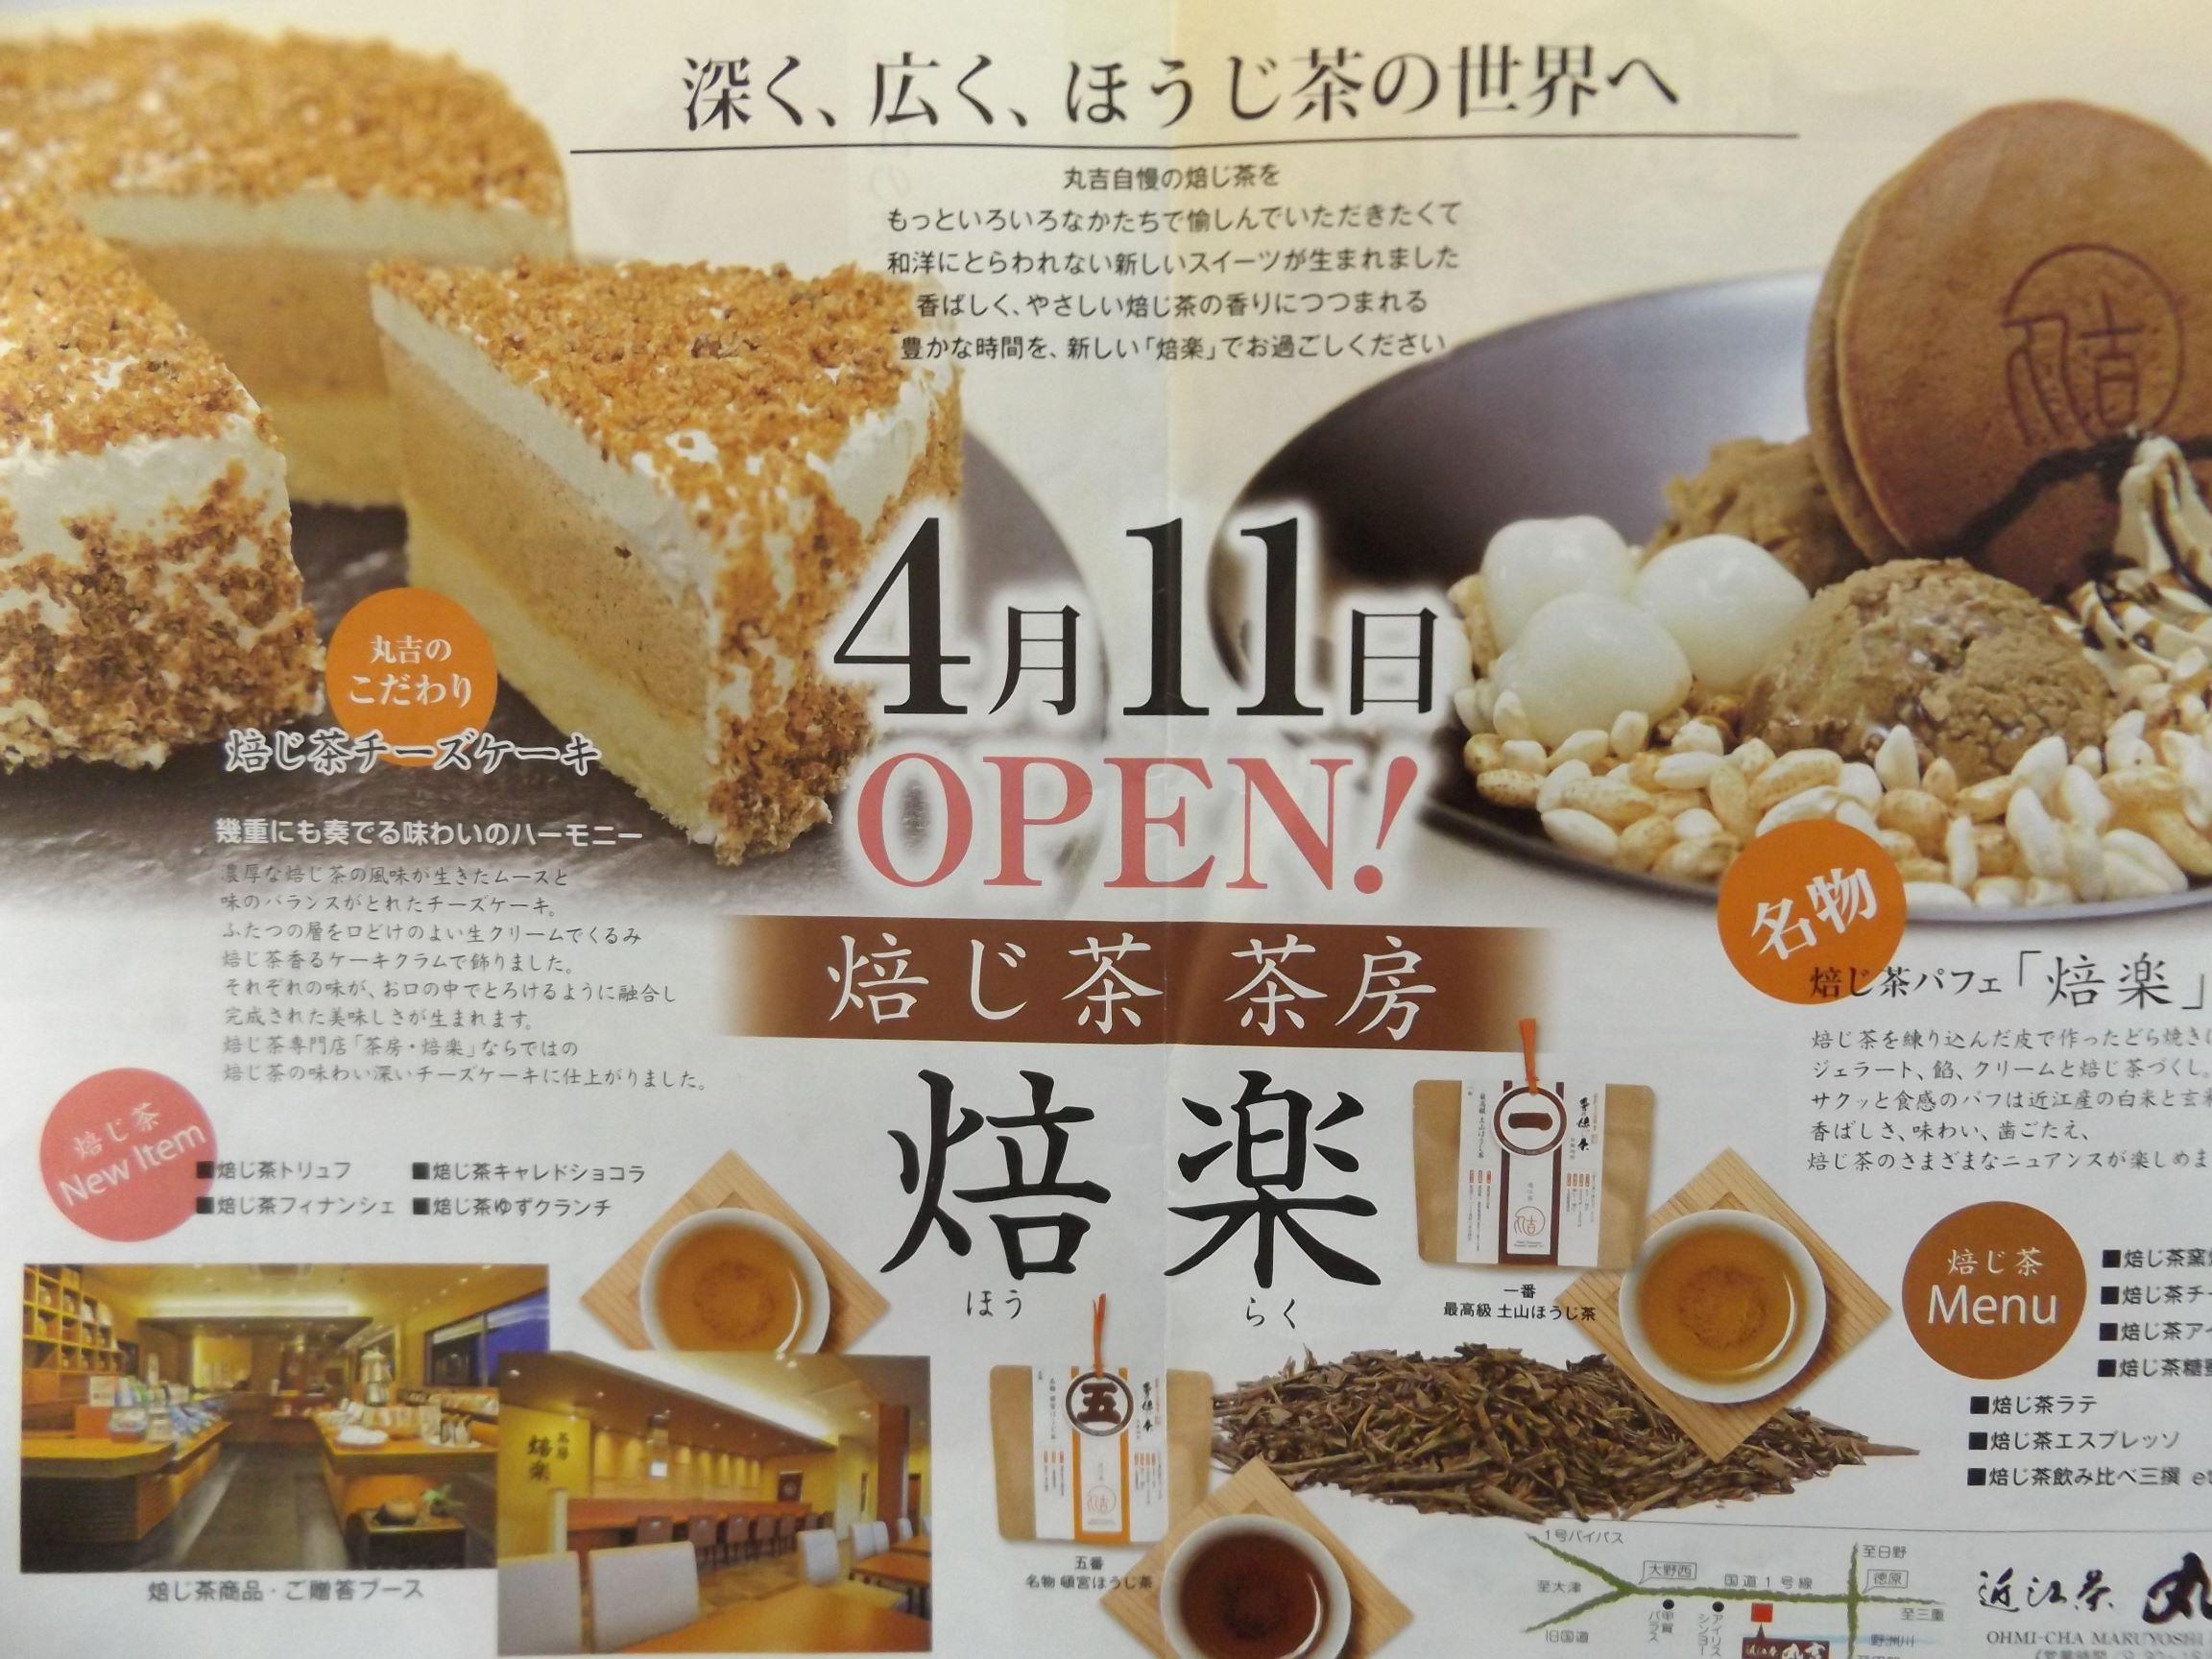 【4/11新店】焙じ茶茶房「焙楽(ほうらく)」は、ほうじ茶魅力発信スポット♪【土山】